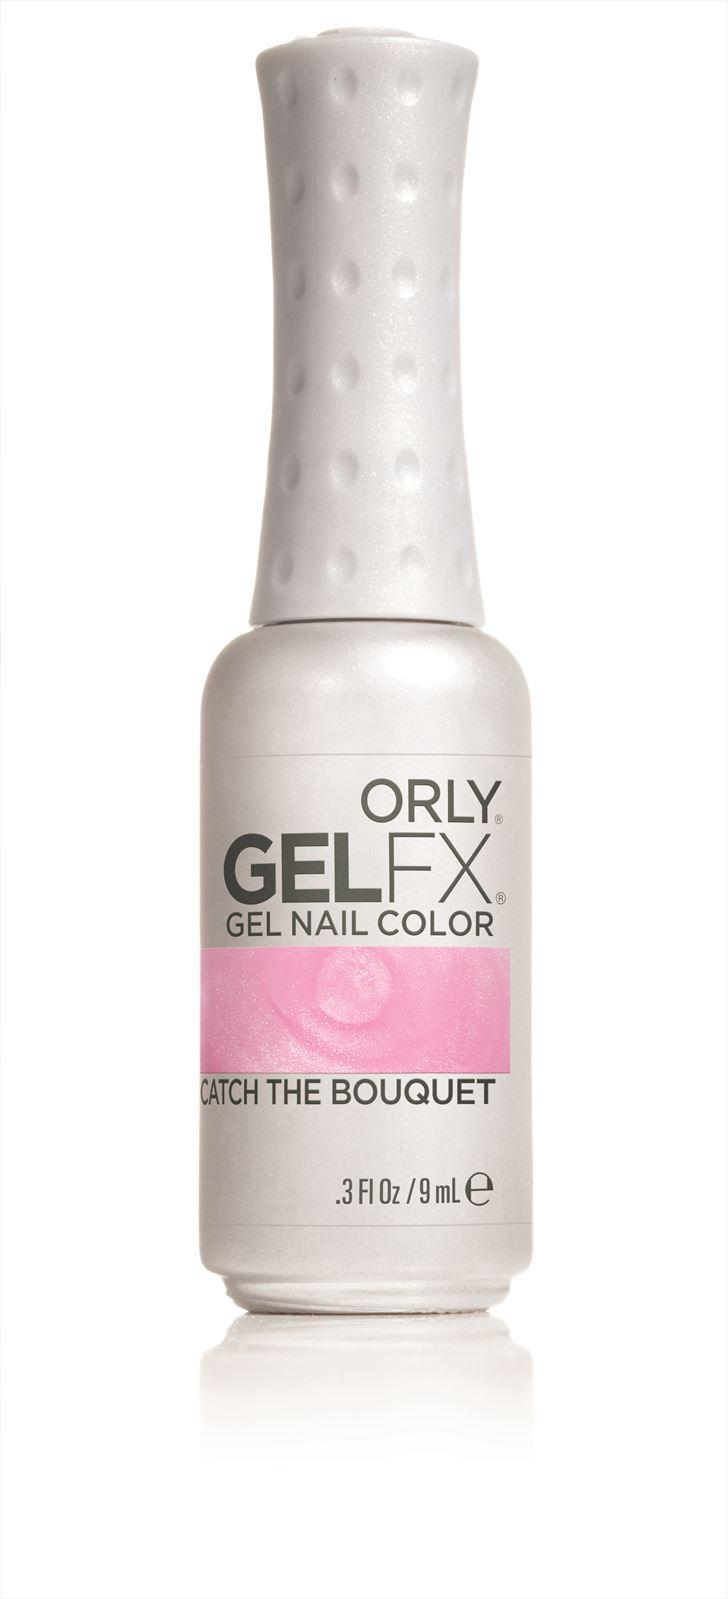 Afbeelding van ORLY GELFX - Catch the Bouquet